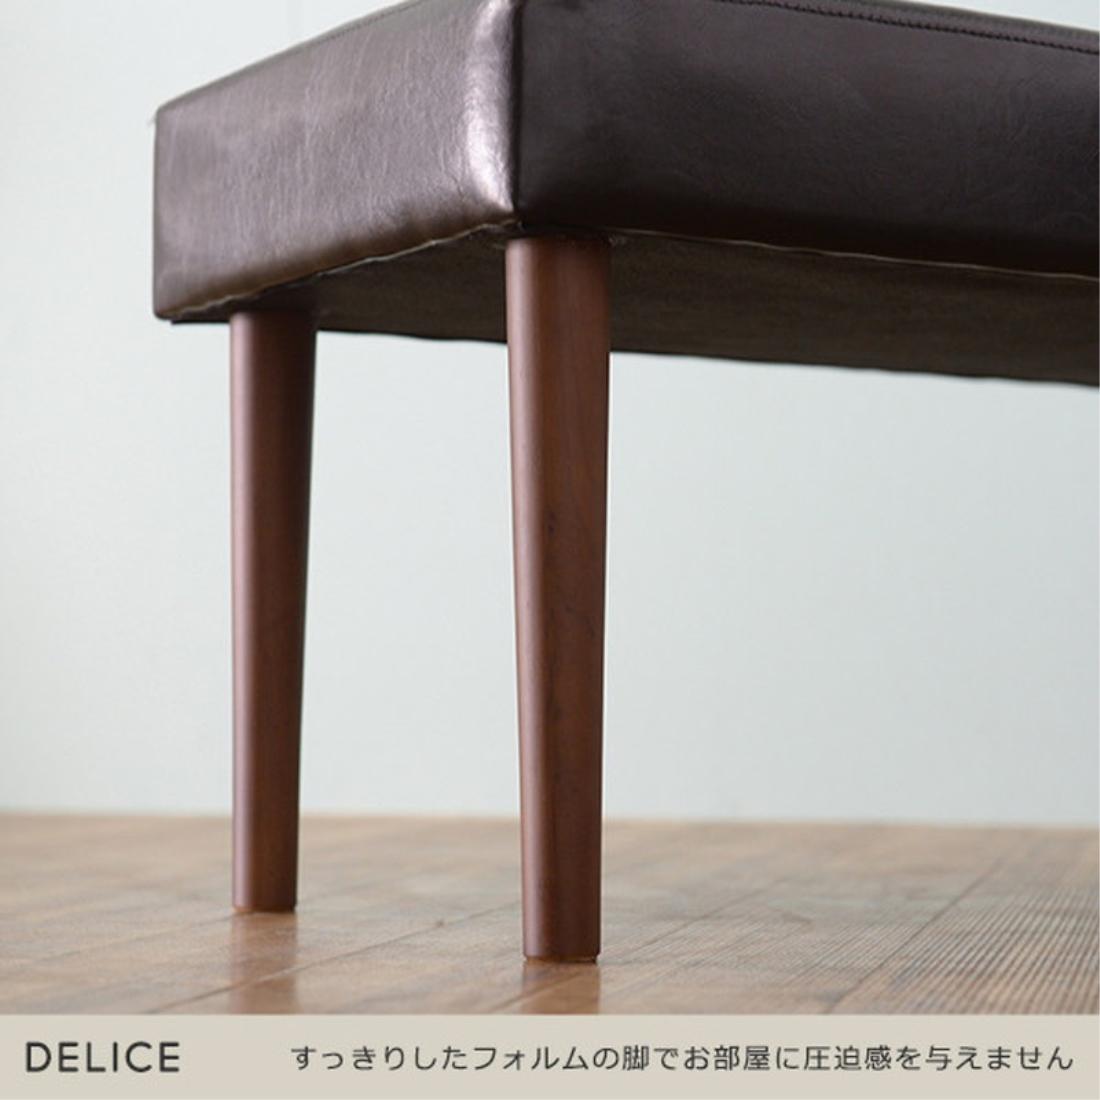 送料無料 オシャレ 家具 キッチン 椅子 DELICE(デリース)ダイニングベンチ(95cm幅)4色展開 オシャレ